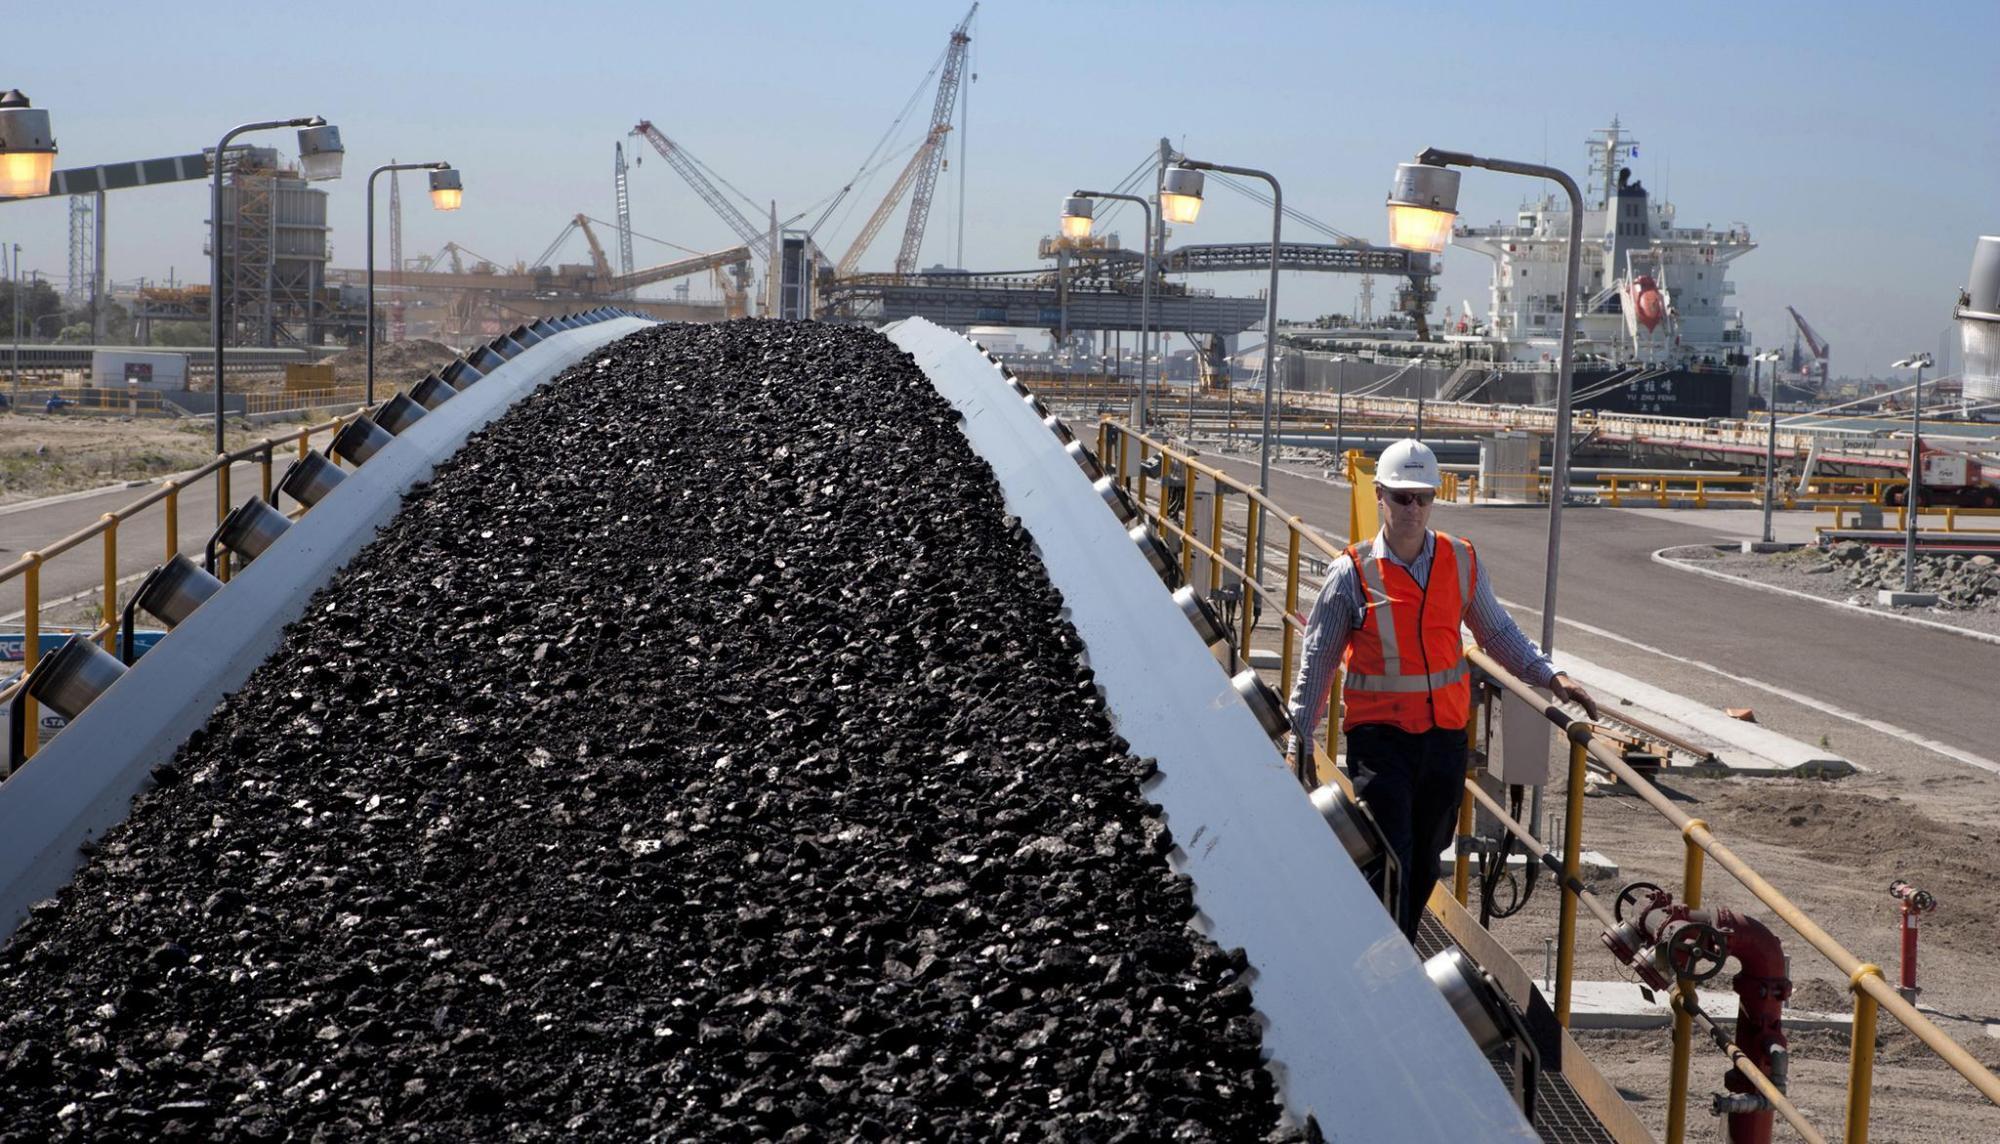 很多煤船滞留在中国港口!澳大利亚矿业企业急需自救:以仅12亿美元的价格出售煤矿